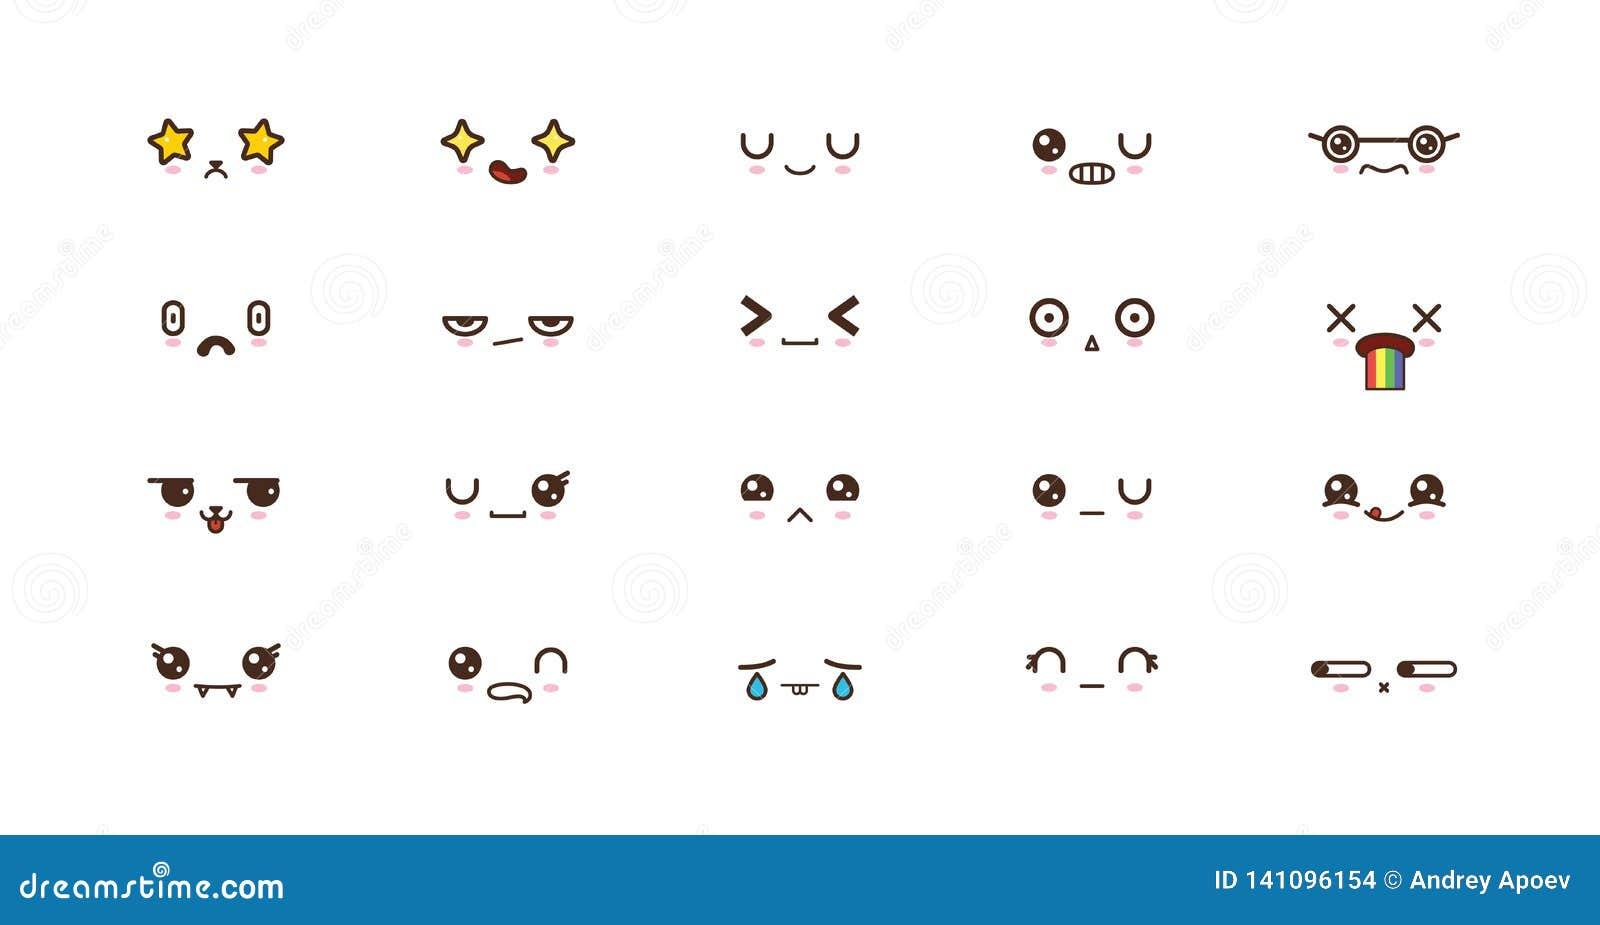 Les Visages Mignons De Kawaii Sourient Des Emoticones Emoji Japonais Illustration De Vecteur Illustration Du Visages Emoticones 141096154